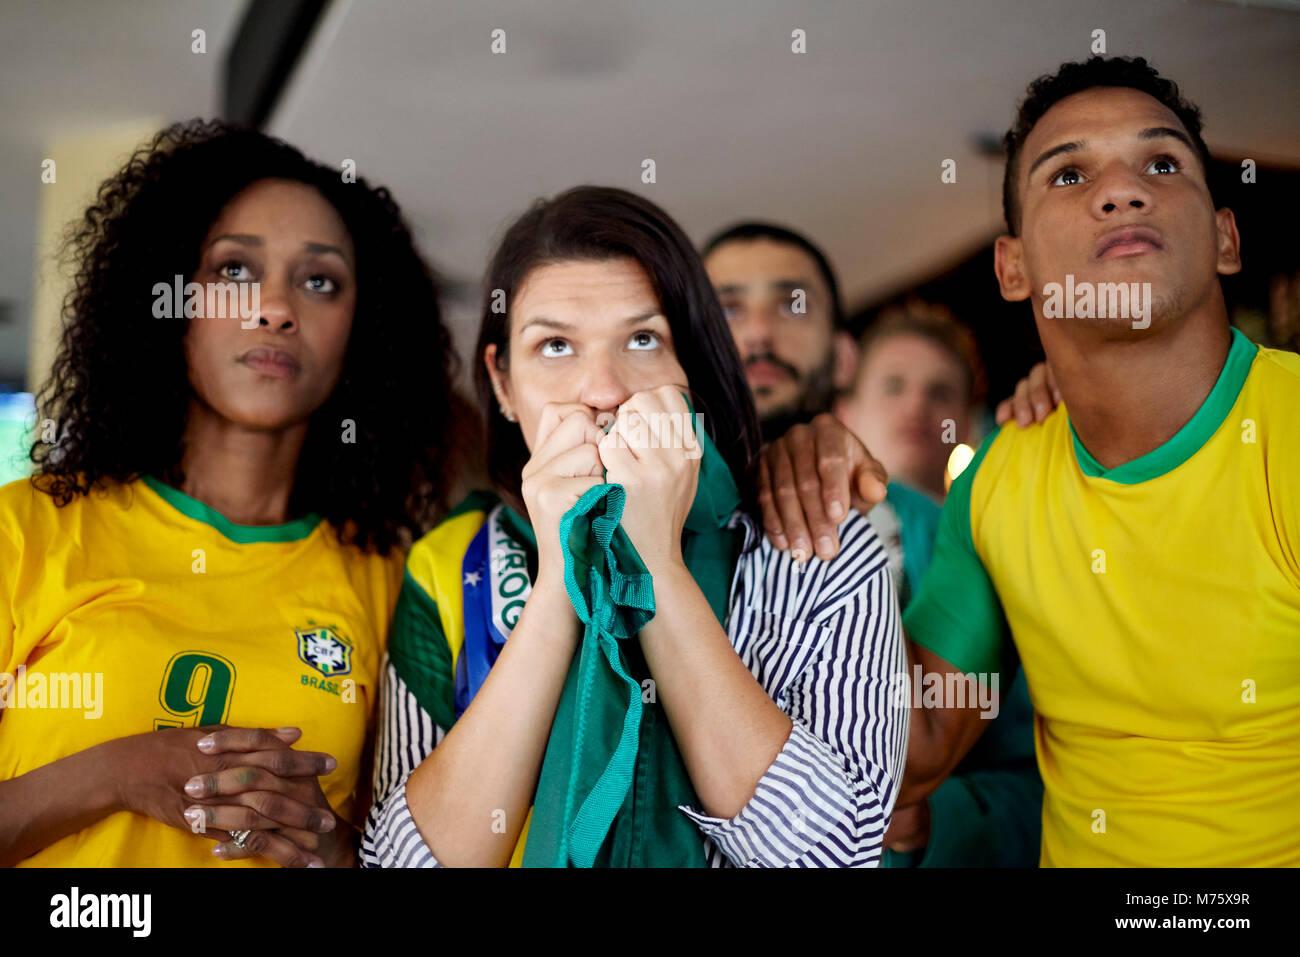 Brasilianischen Fußball-Anhänger gespannt beobachten Match in bar Stockbild